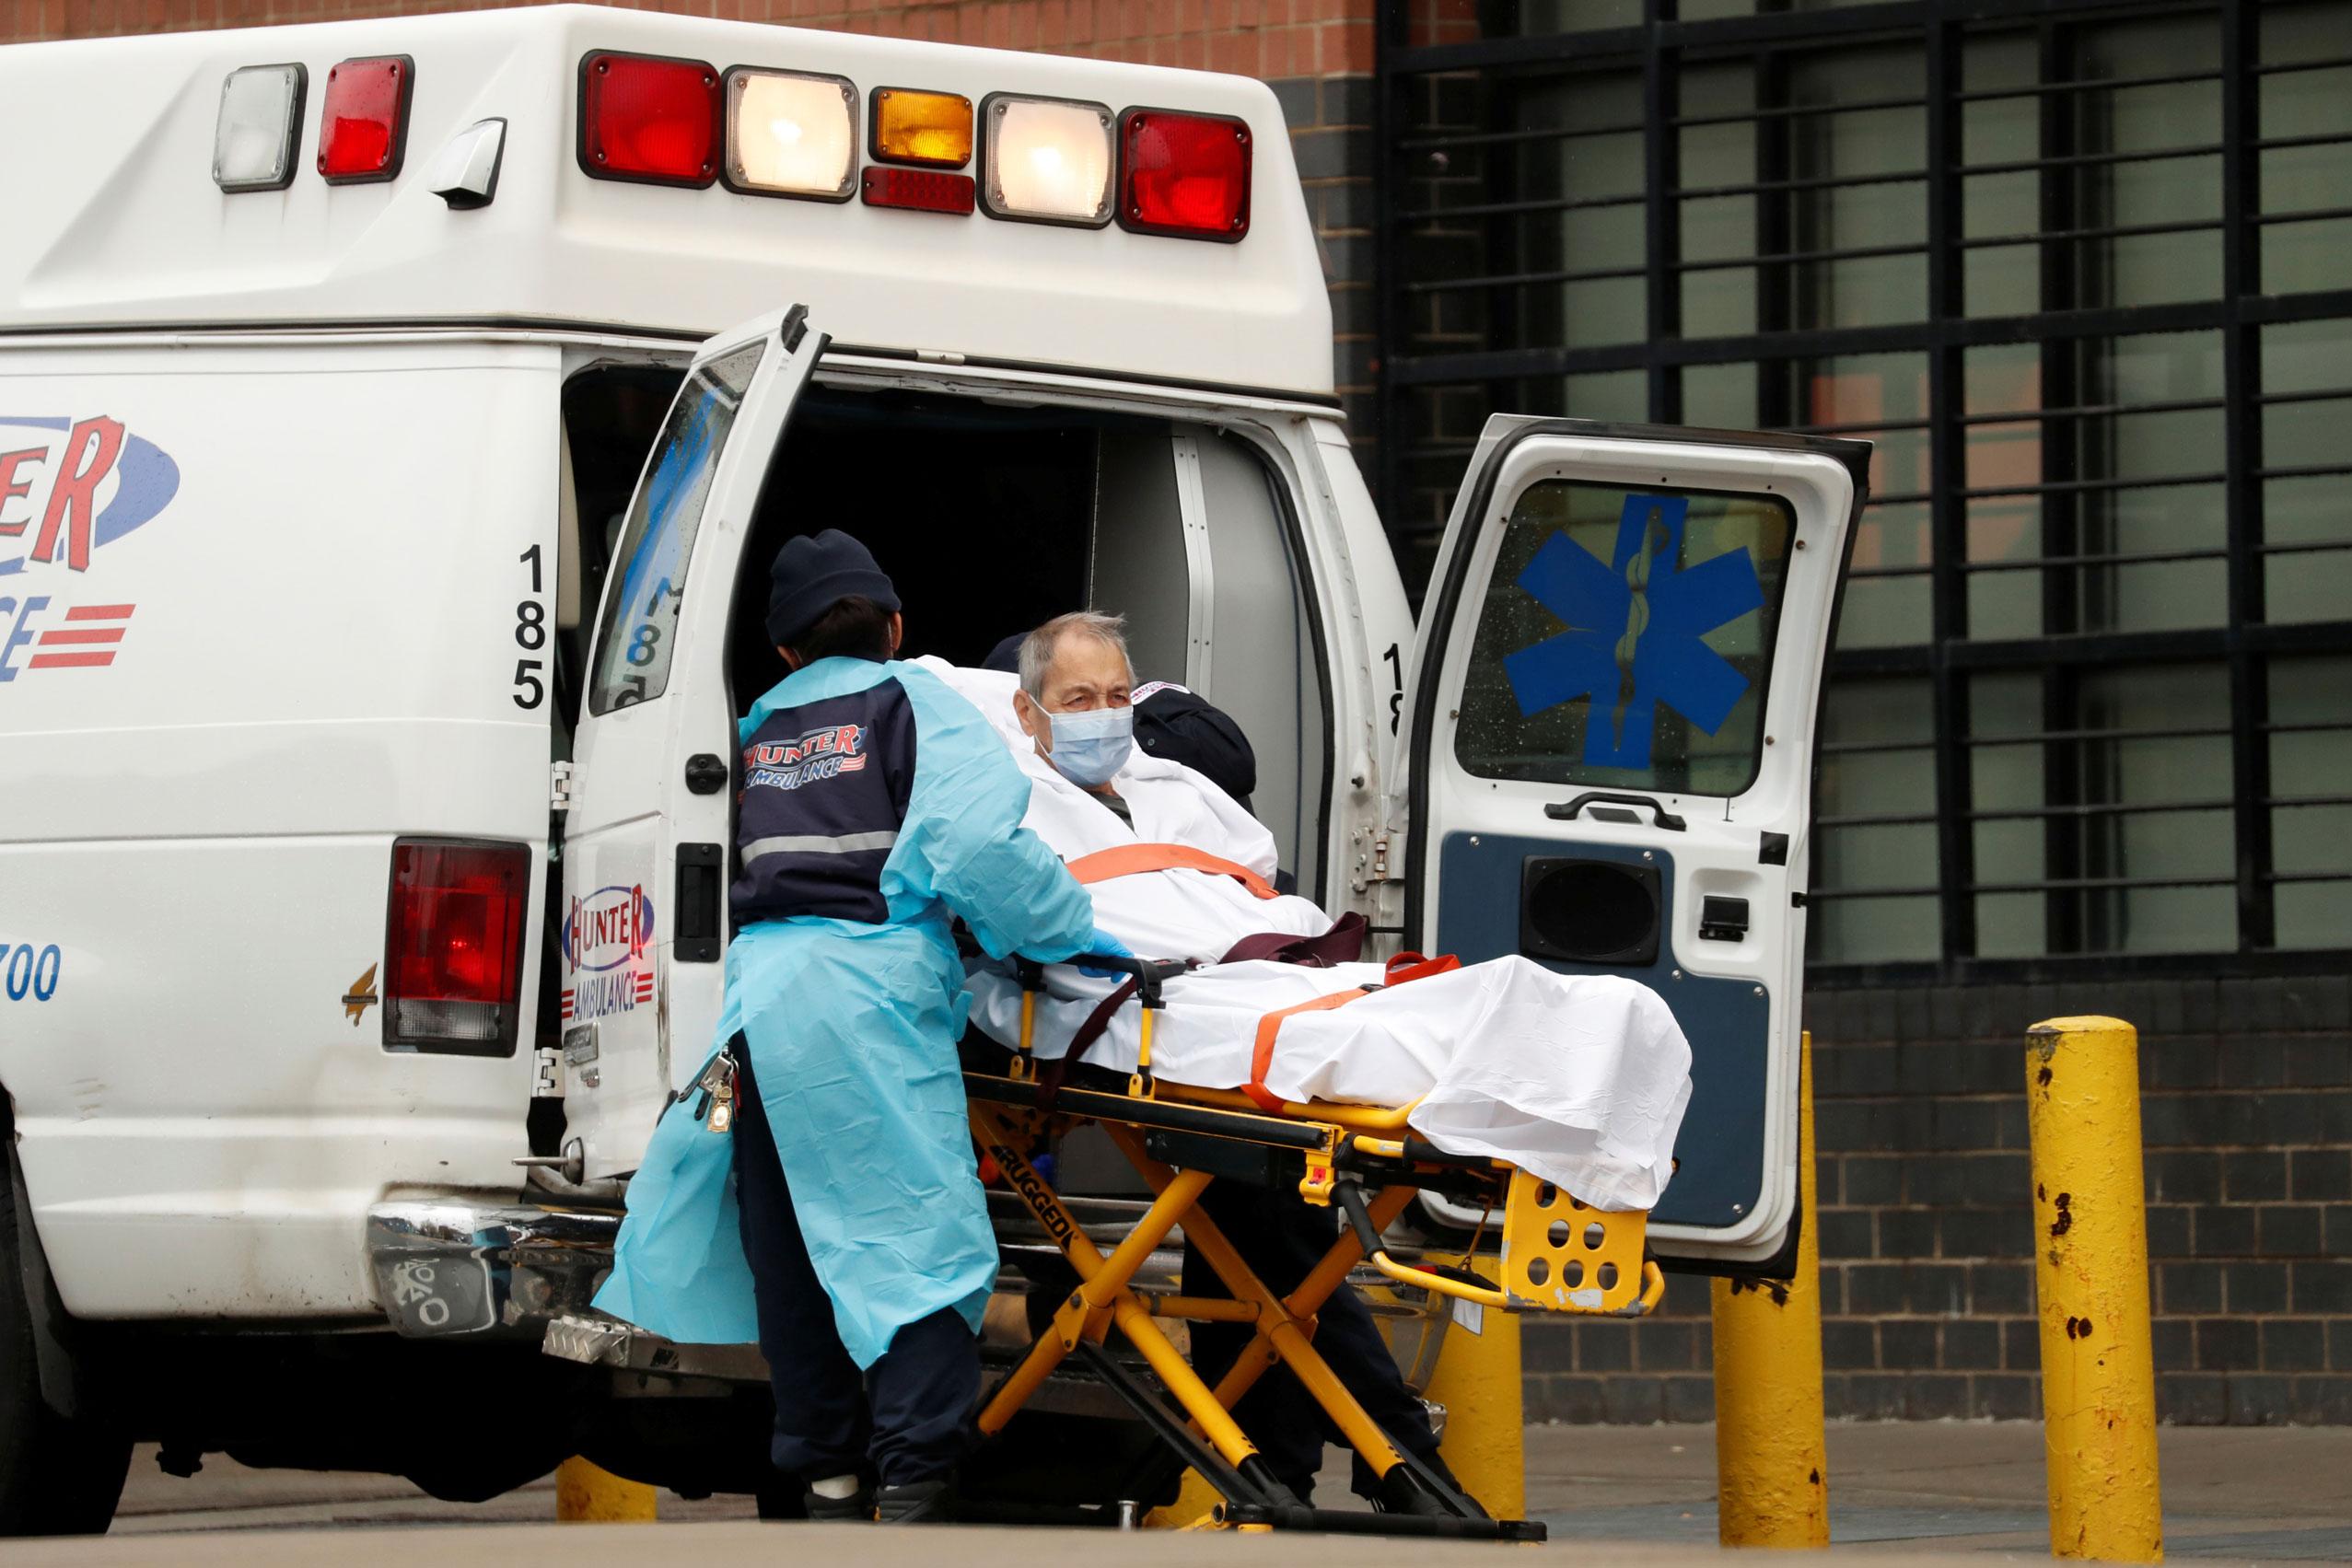 Paciente com Covid-19 é transportado para dentro de ambulância em Nova York